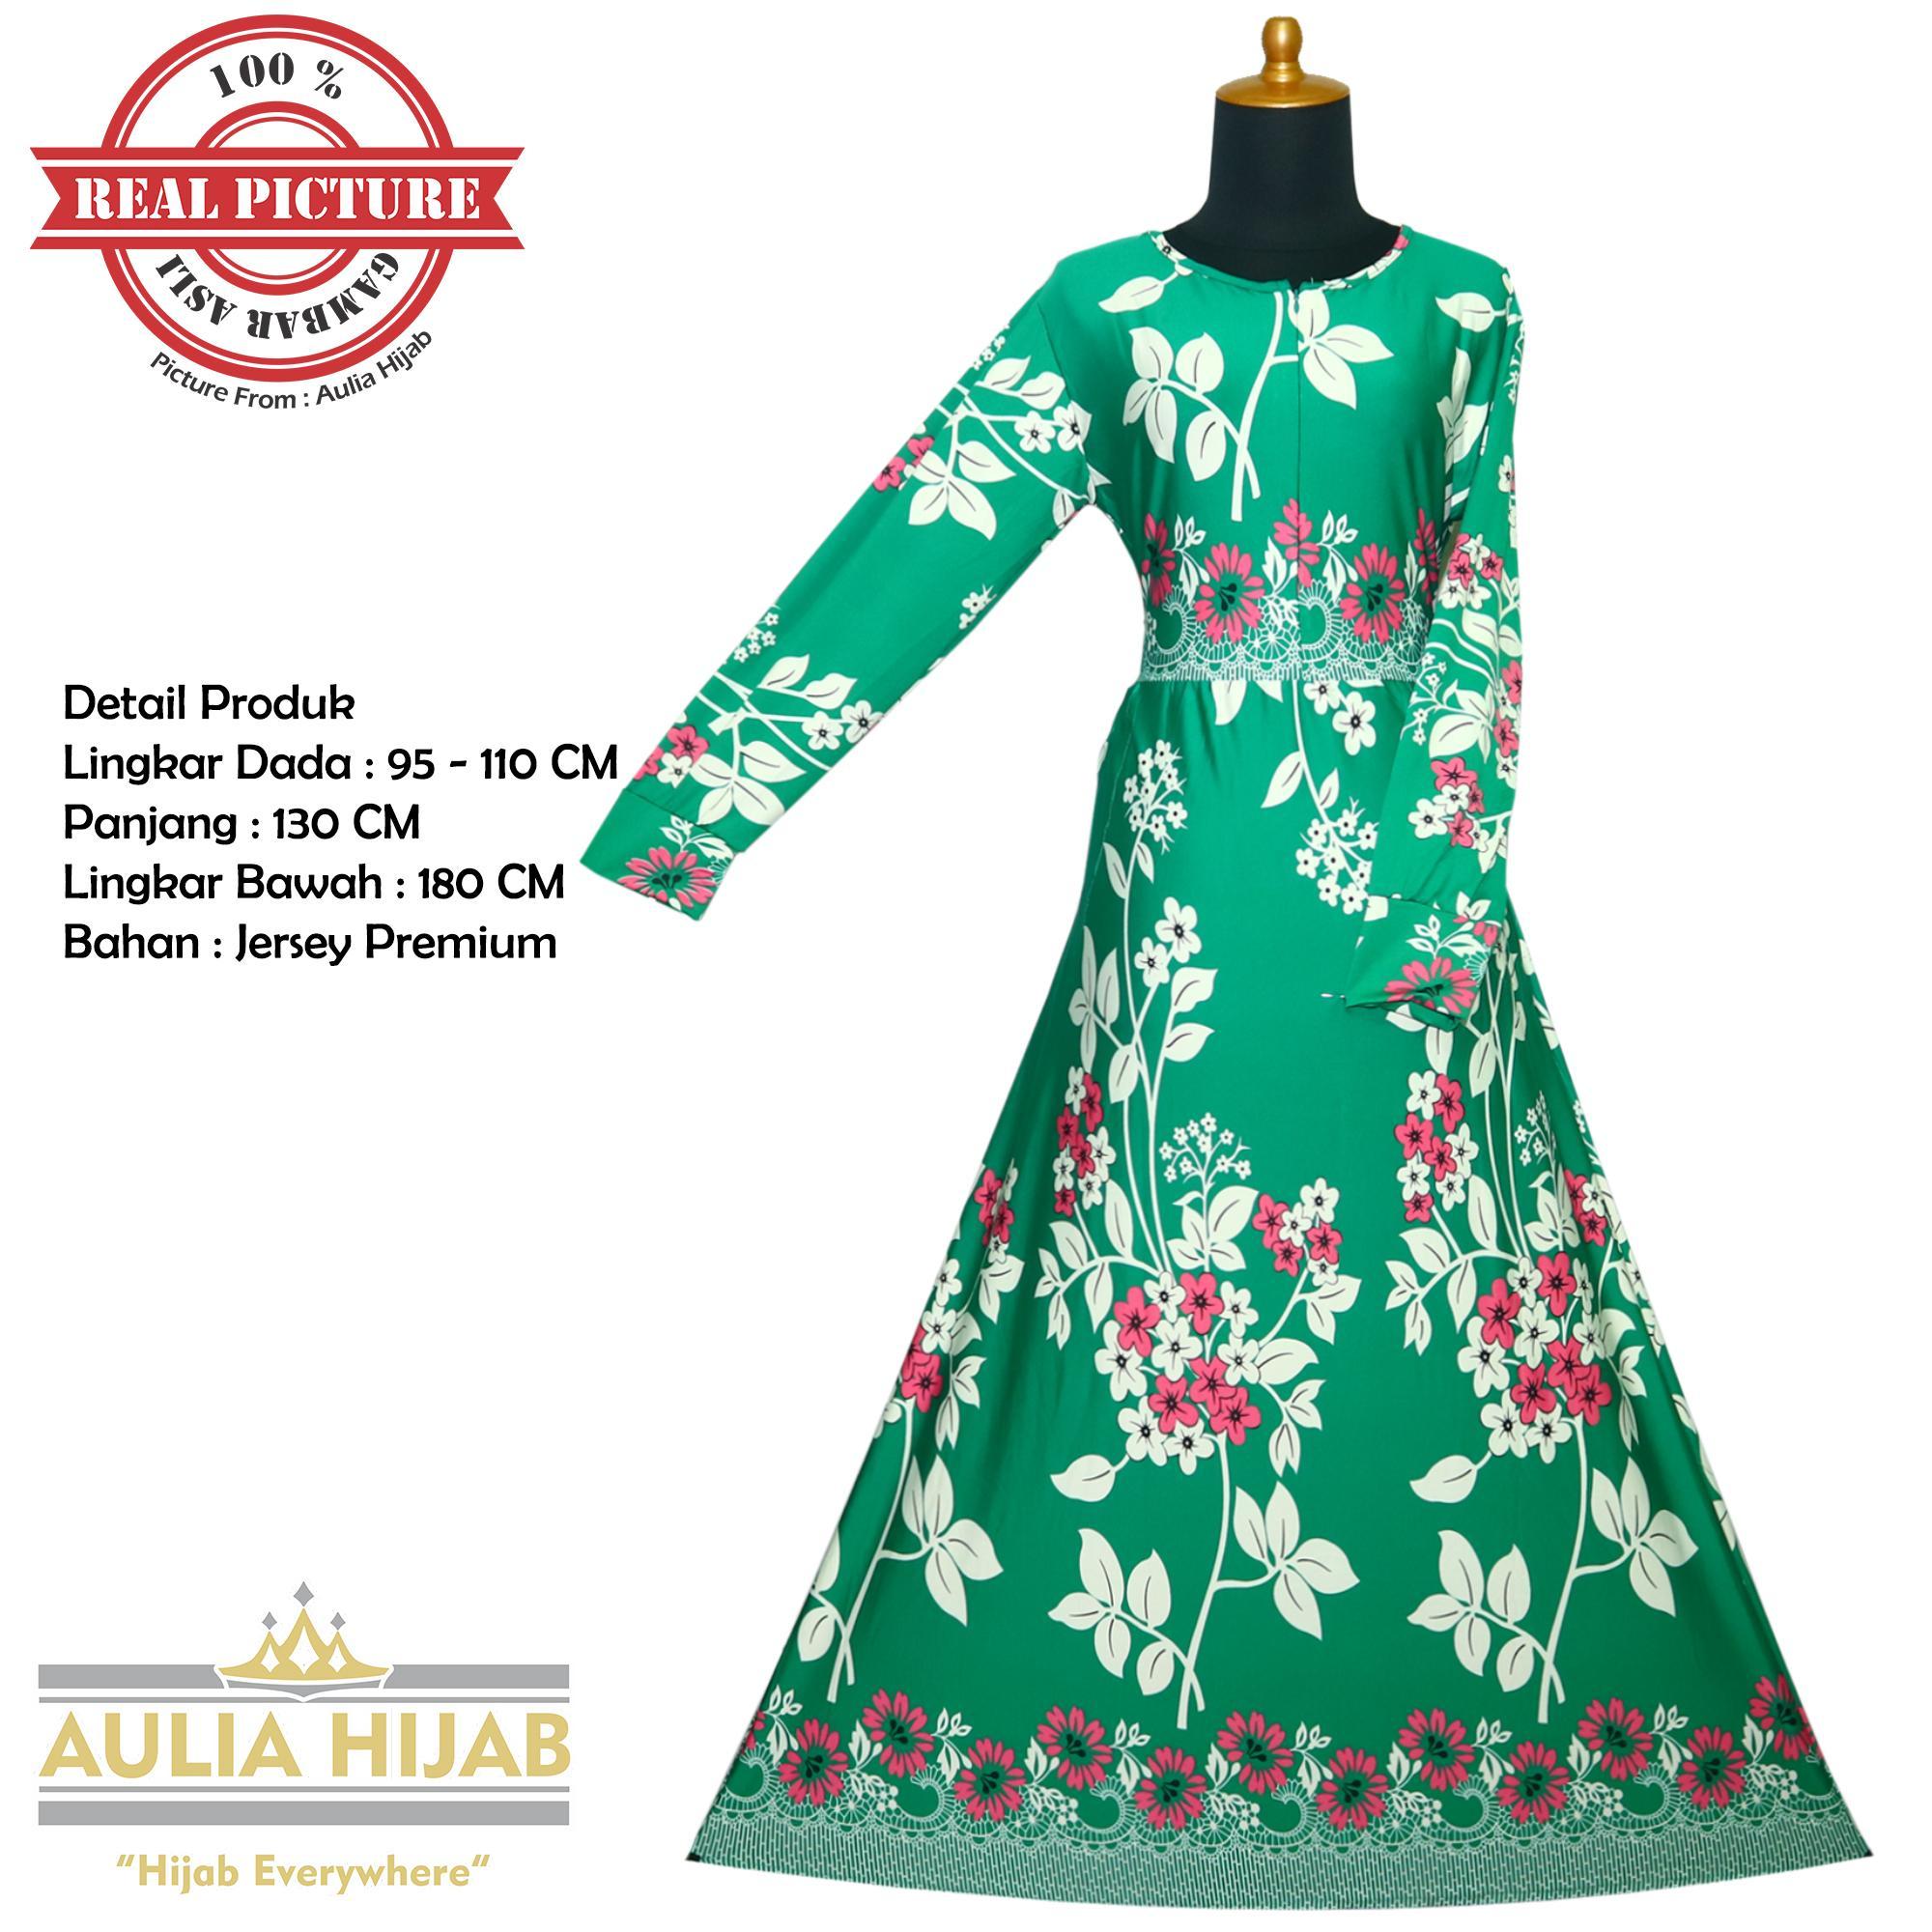 Aulia Hijab - Gamis New Cindy Dress Bahan Jersey /Gamis Jersey/Gamis Batik/Gamis Premium/Gamis Pesta/Gamis Real Picture/Gamis Santai/Gamis Kerja/Gamis Harian/Gamis Termurah/Gamis Asli